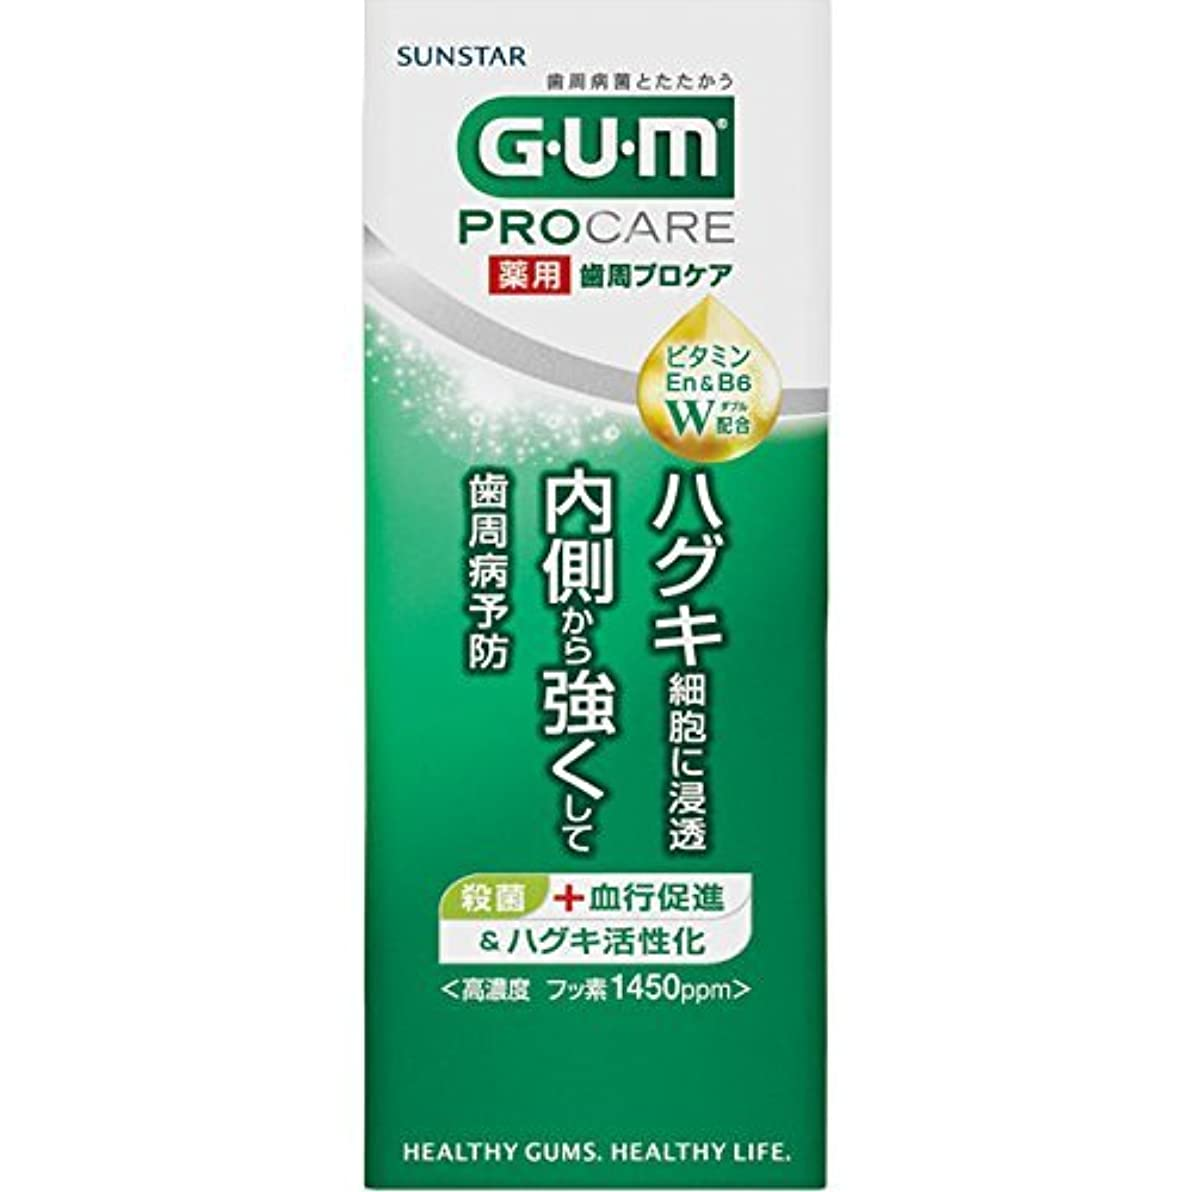 限界うまれた幸運な[医薬部外品] GUM(ガム) 歯周プロケア 歯みがき 50g <歯周病予防 ハグキケア 高濃度フッ素配合1,450ppm>